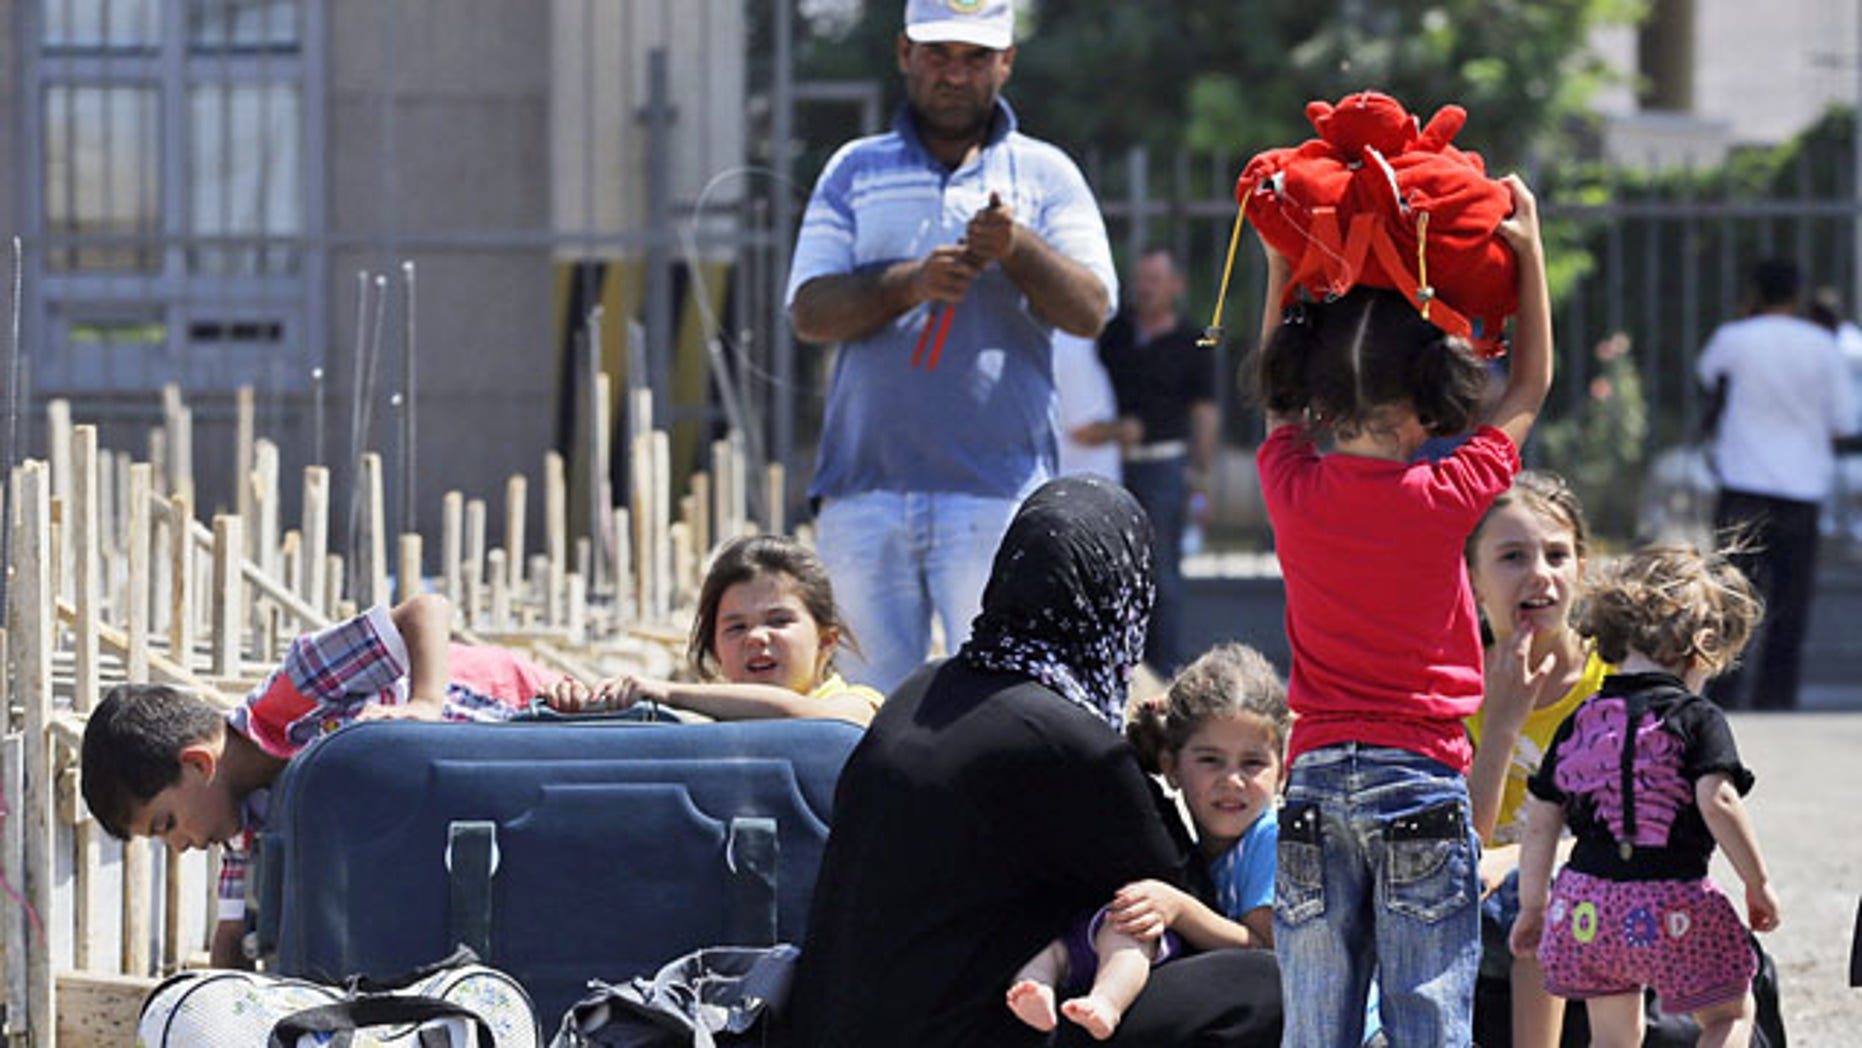 September 2, 2013: Syrian refugees arrive at the Turkish Cilvegozu gate border.